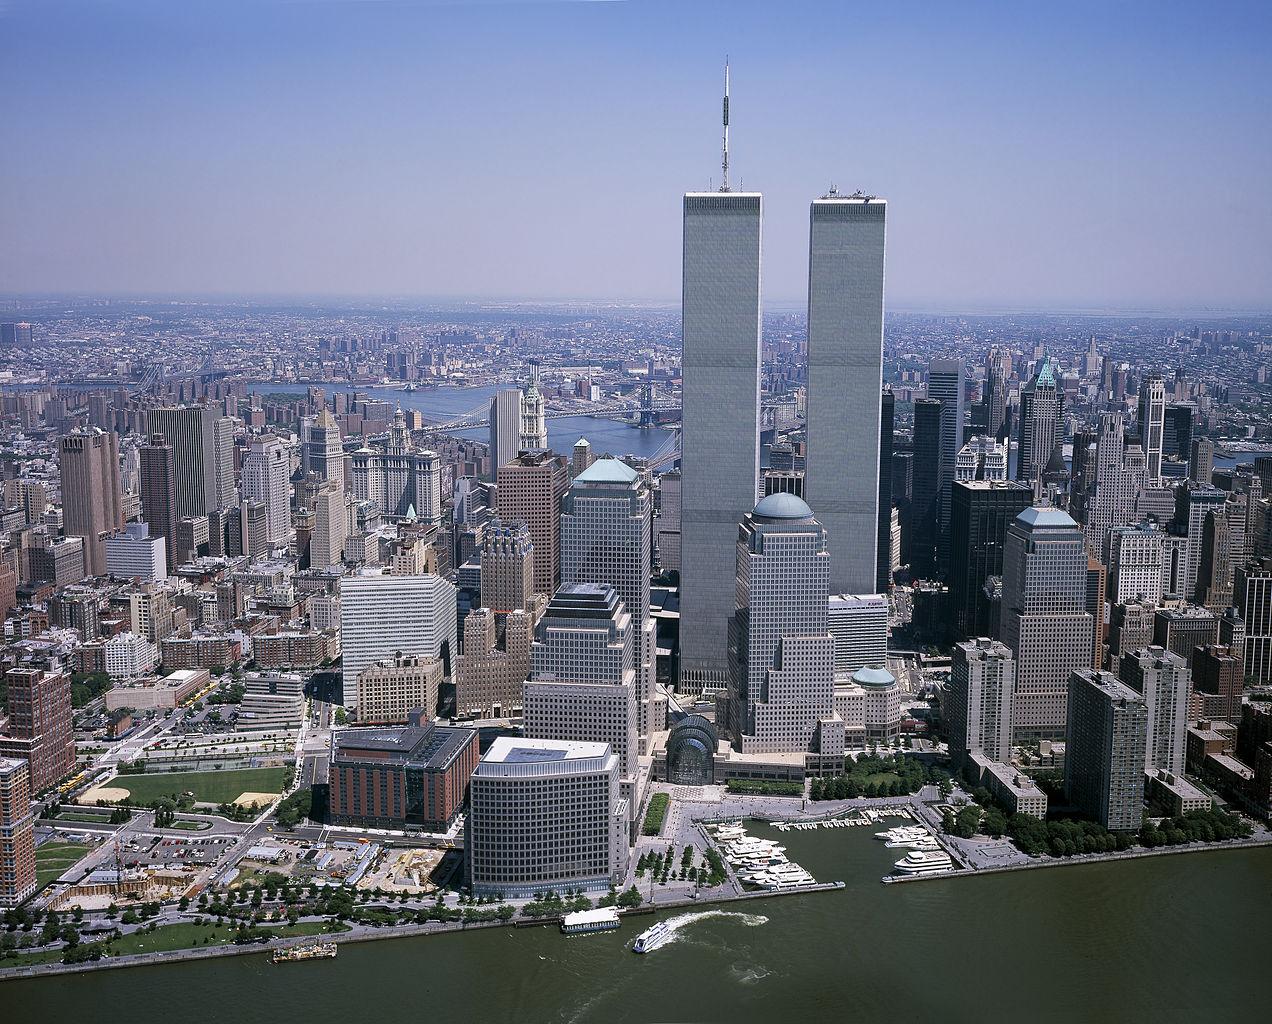 1272px-Twin_Towers-NYC.jpg